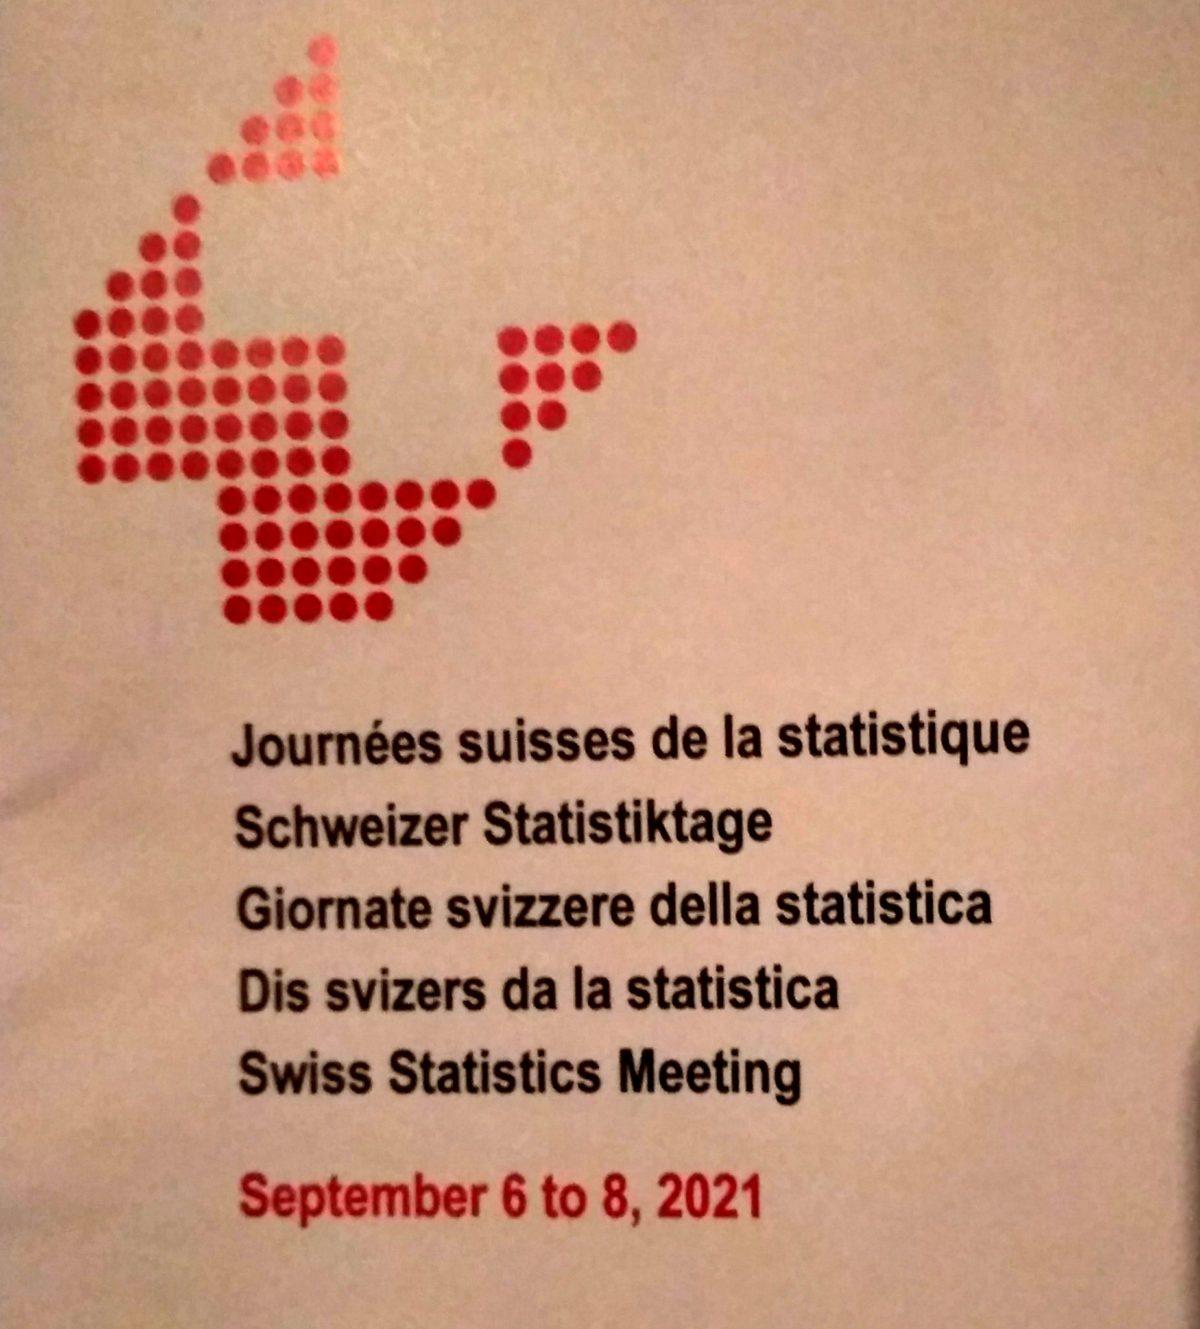 Schweizer Statistiktage [1]